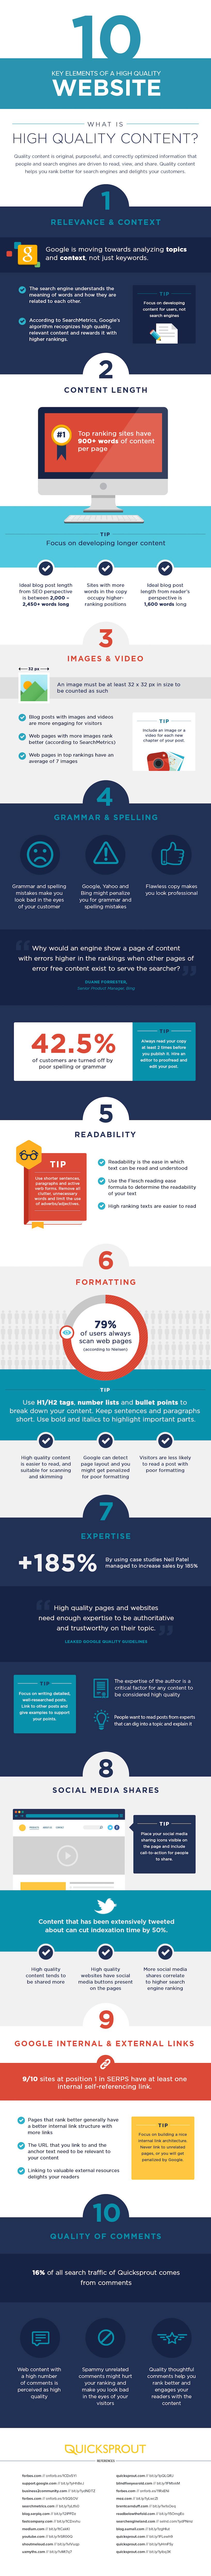 Les 10 éléments clés pour un site internet de qualité